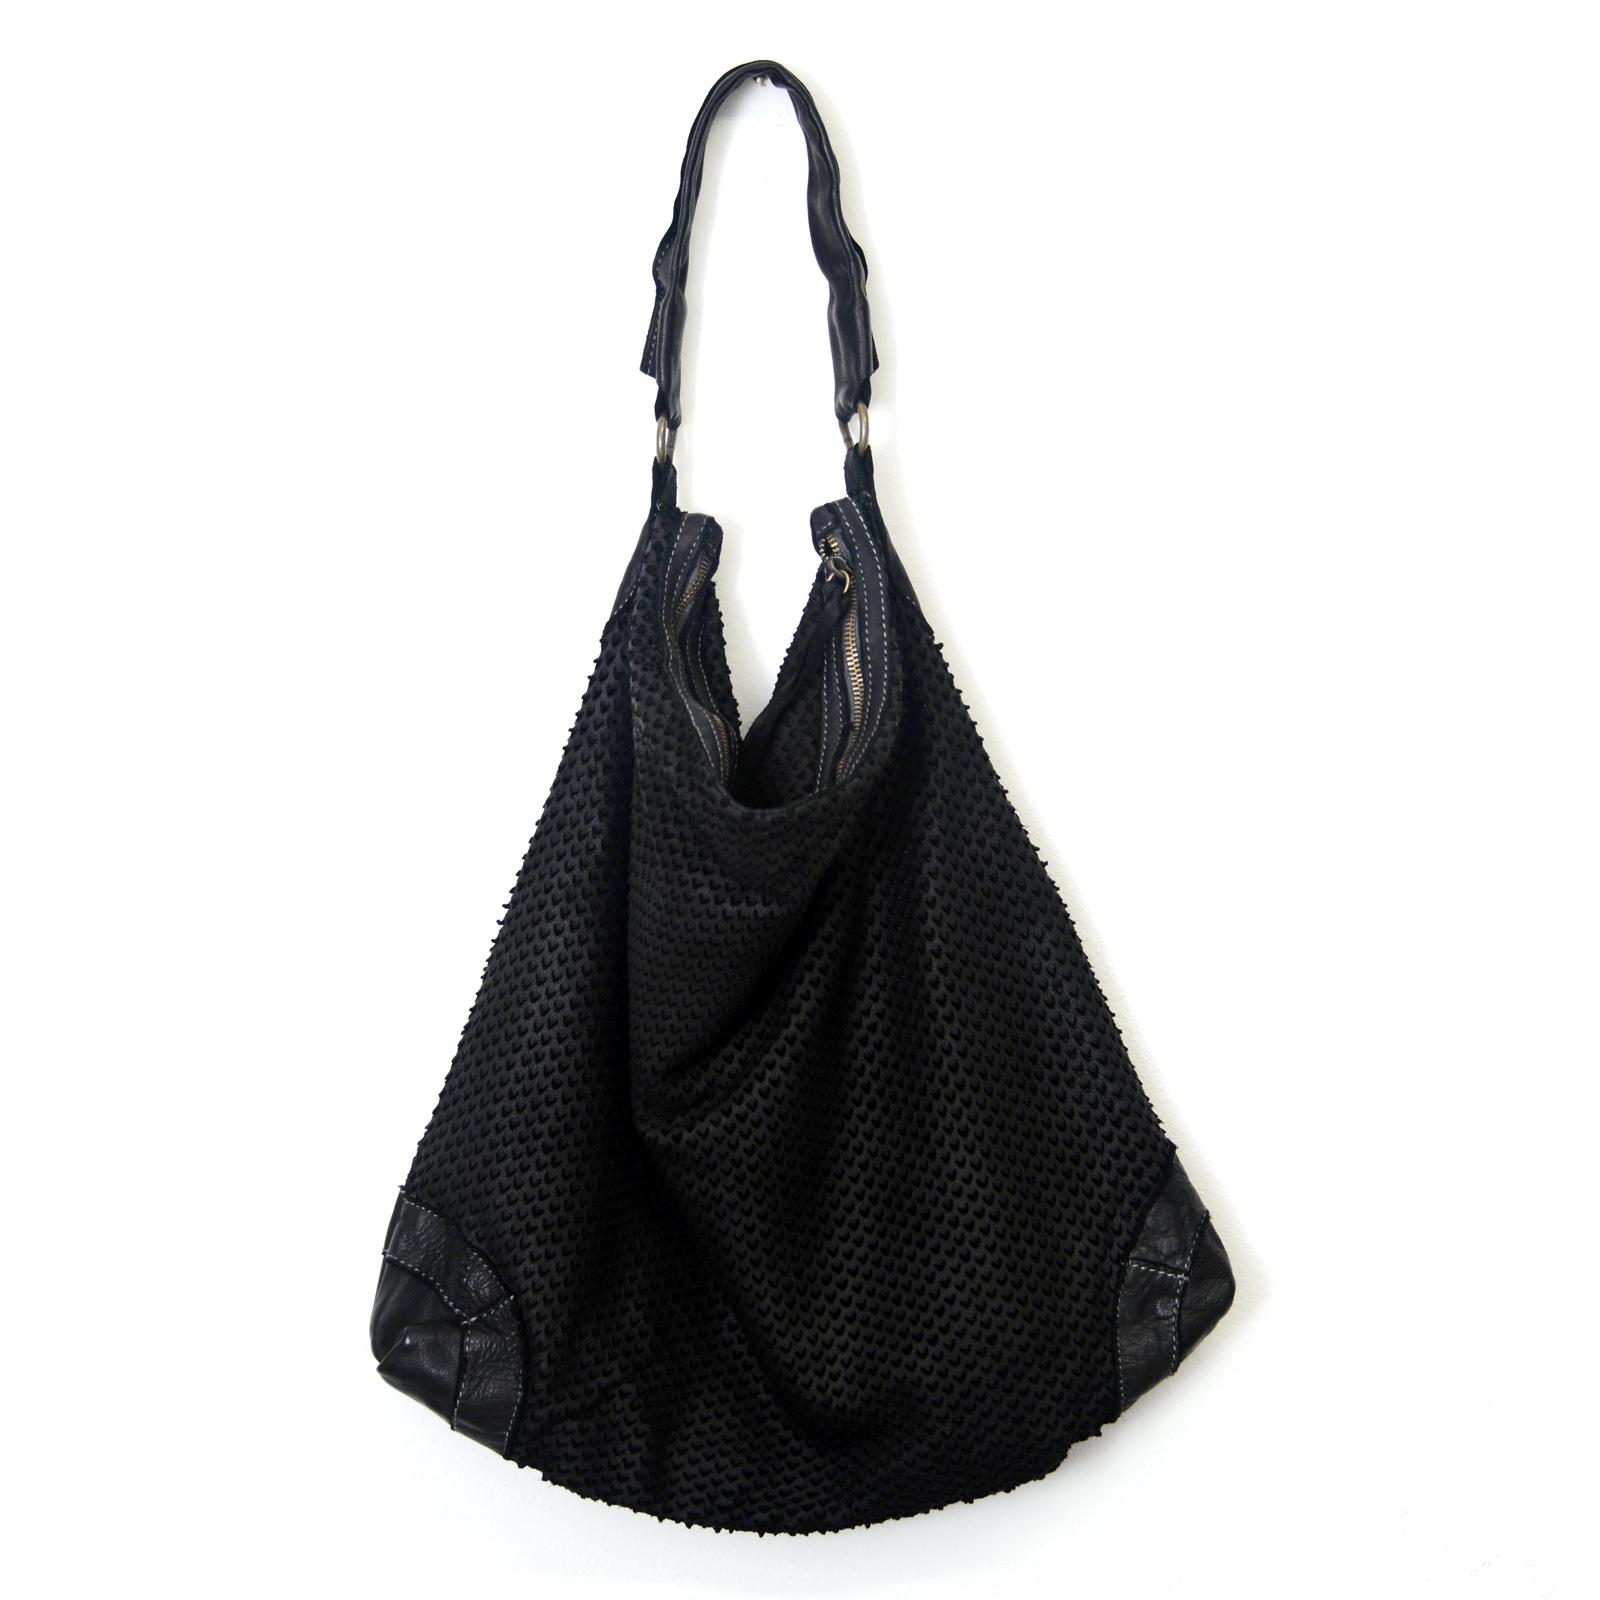 selezione premium 24bed 6c1c0 Big Bag in pelle a spalla Nera tinta in capo